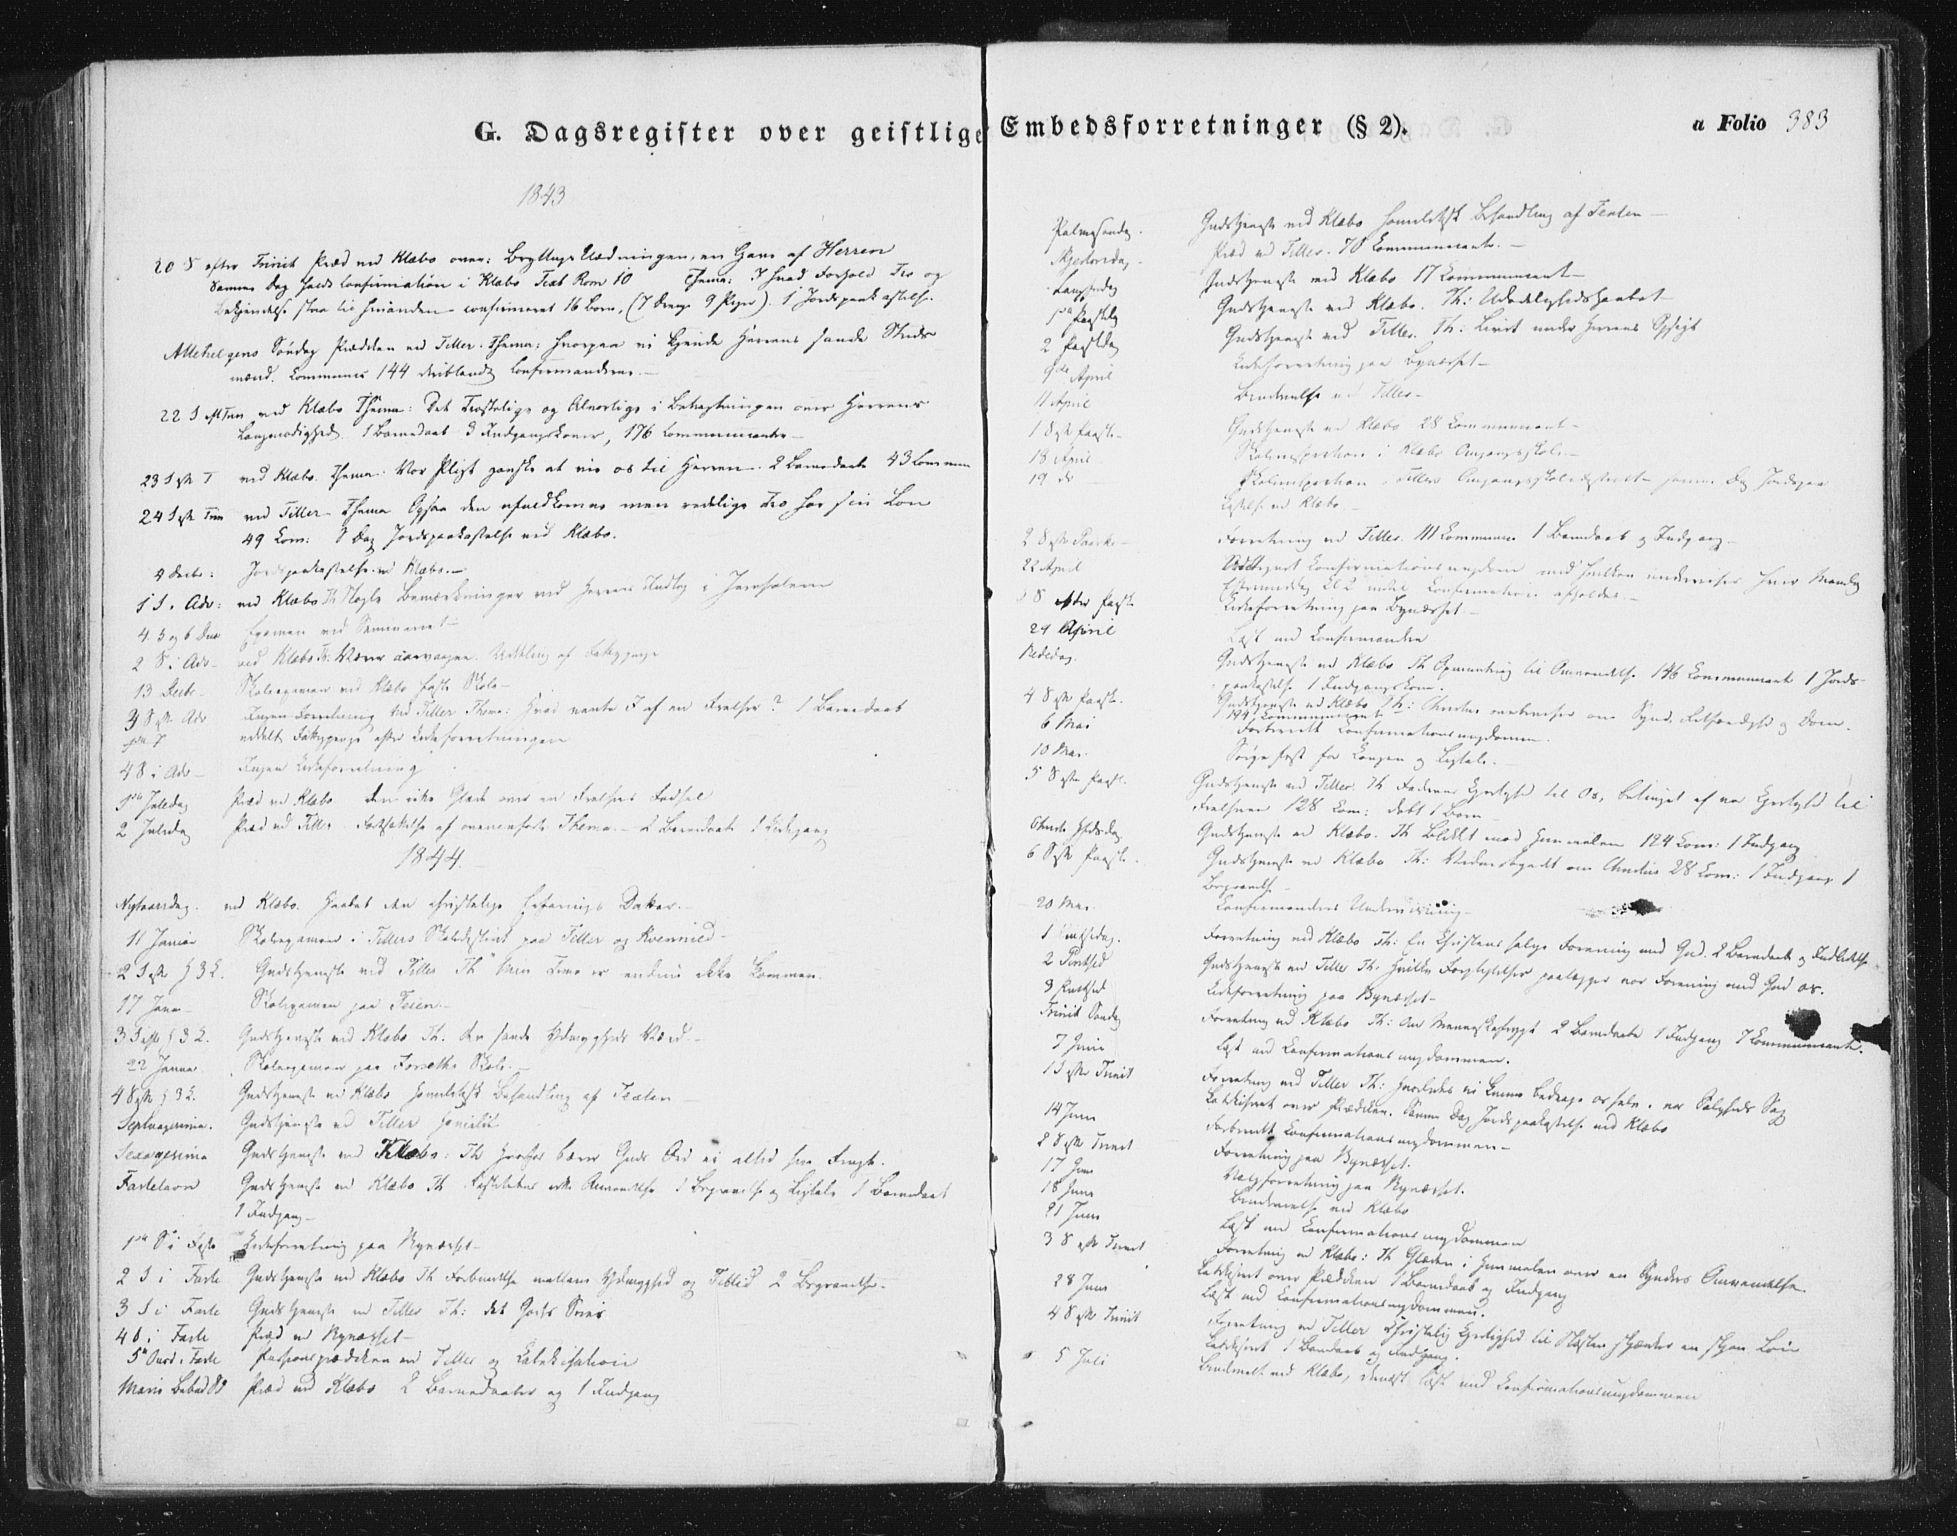 SAT, Ministerialprotokoller, klokkerbøker og fødselsregistre - Sør-Trøndelag, 618/L0441: Ministerialbok nr. 618A05, 1843-1862, s. 383